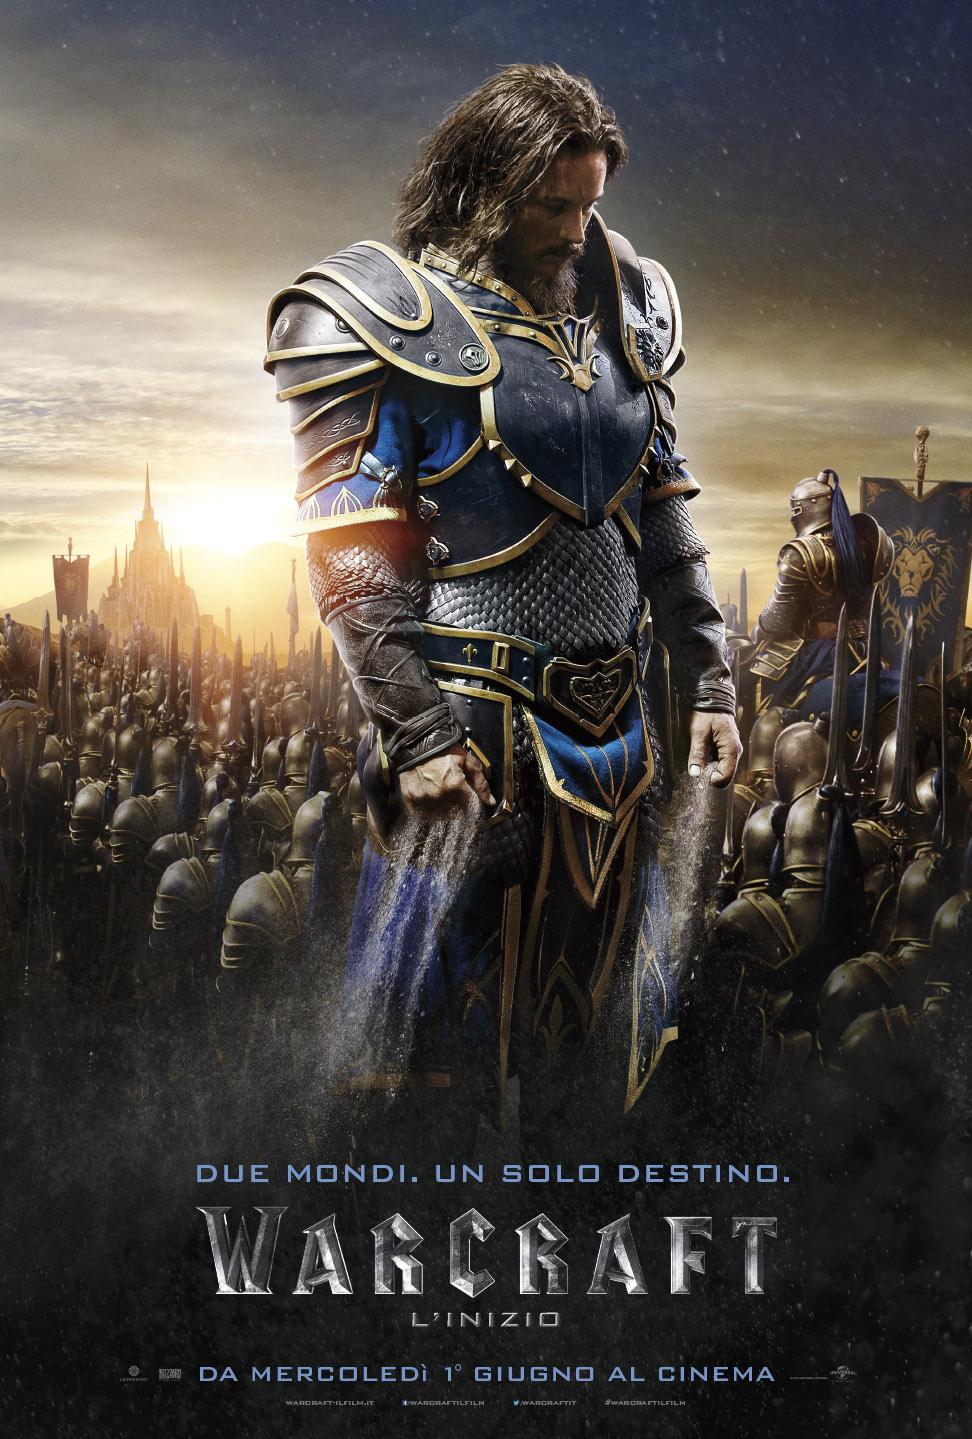 Warcraft - L'inizio: il character poster italiano di Lothar